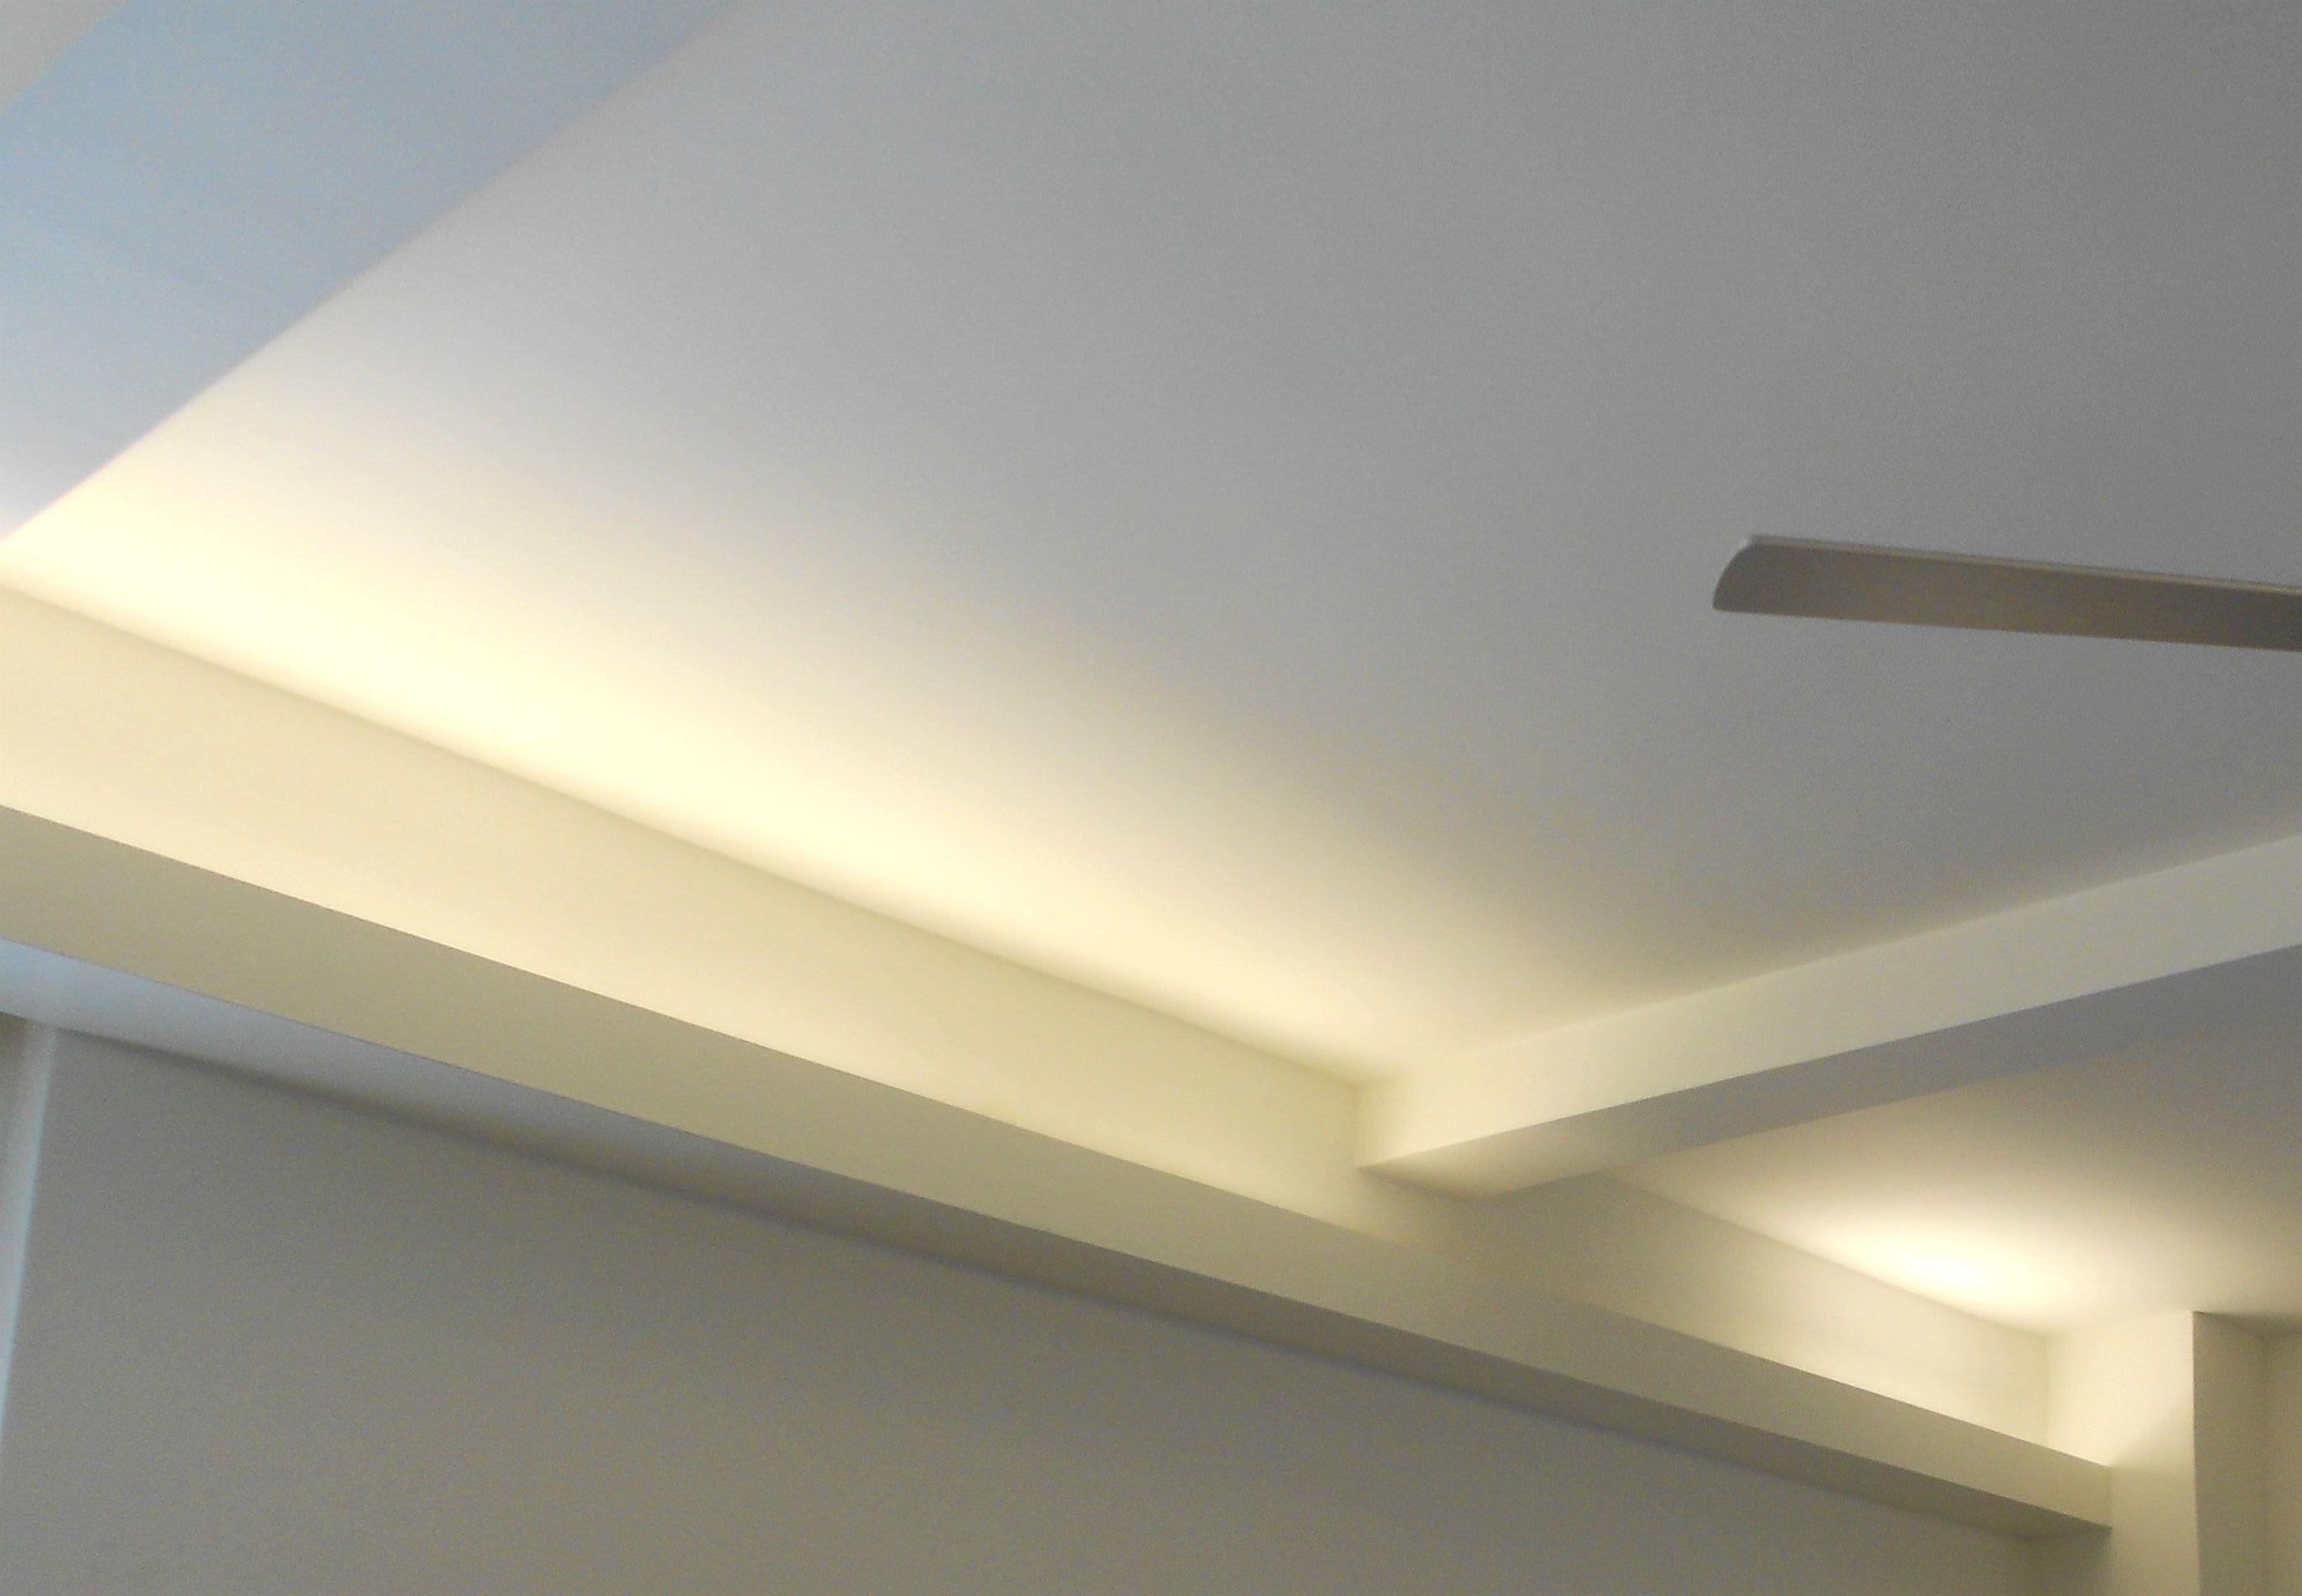 Hidden Led Ceiling Lighting System Design In 2019